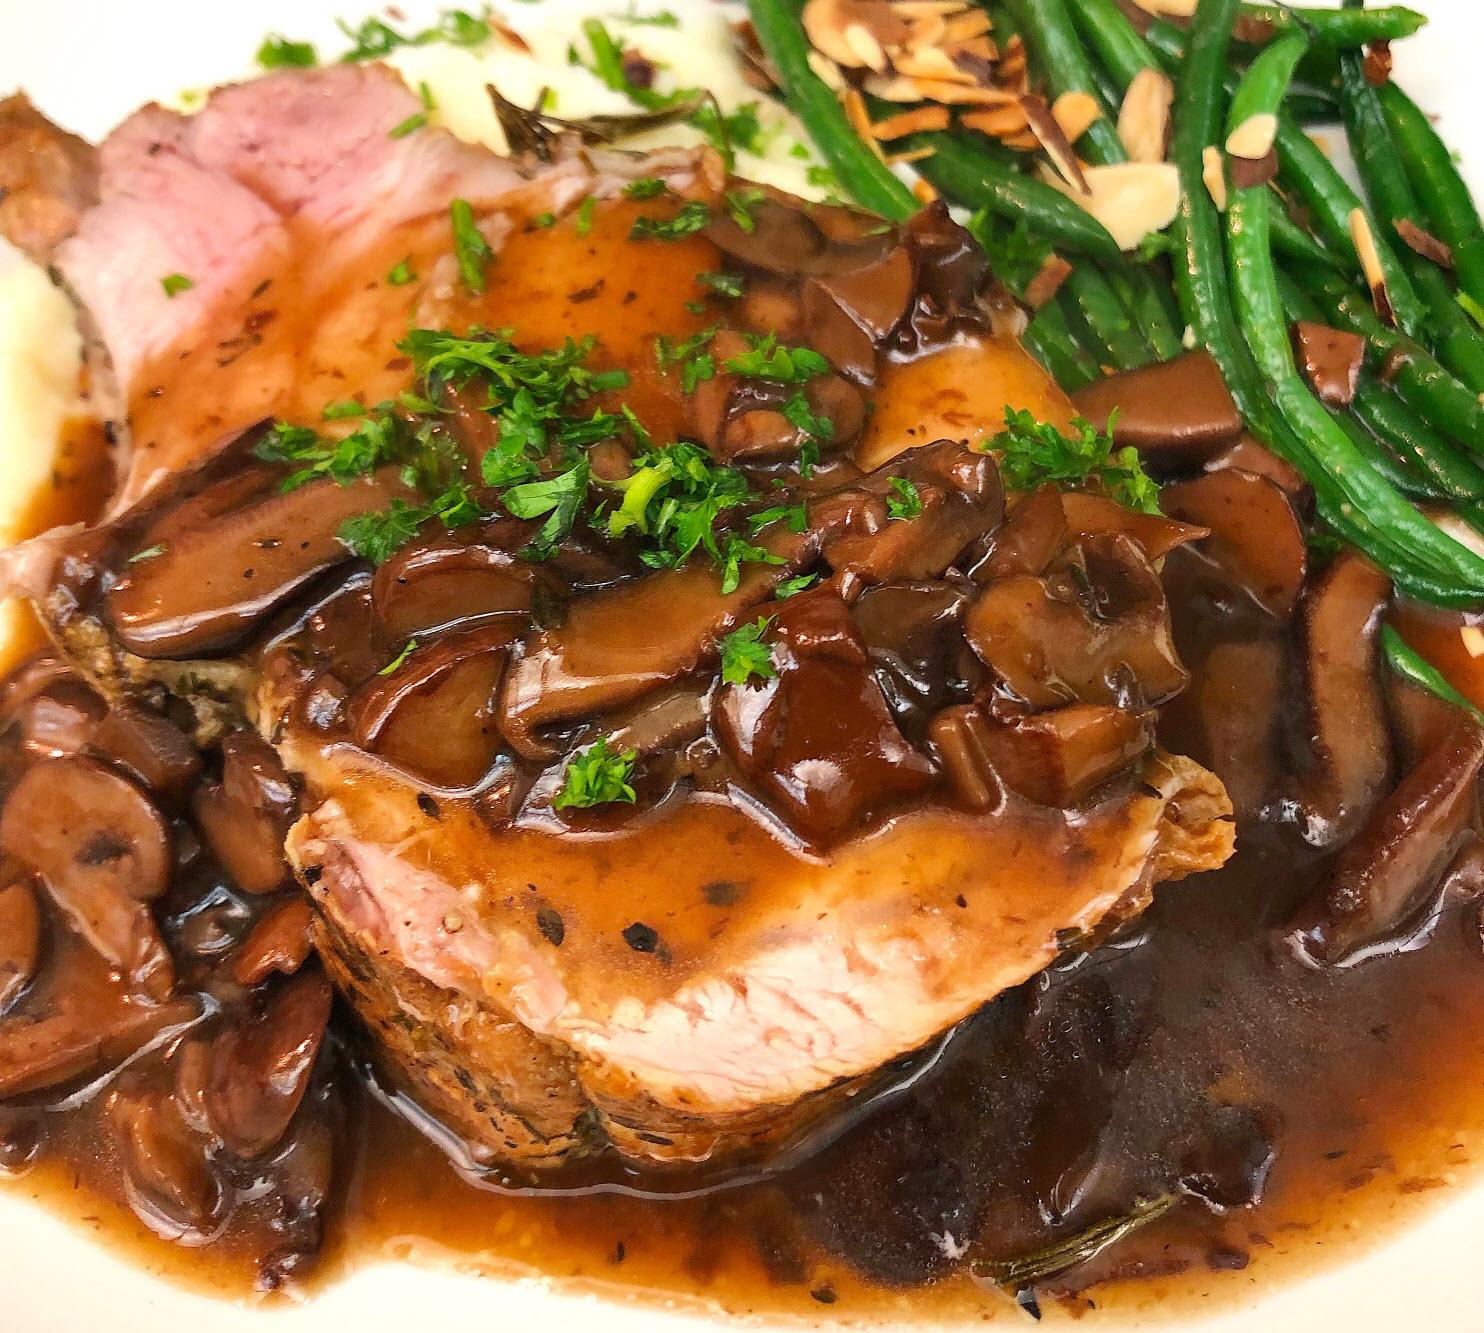 rack-of-pork-with-mushroom-madiera-wine-sauce